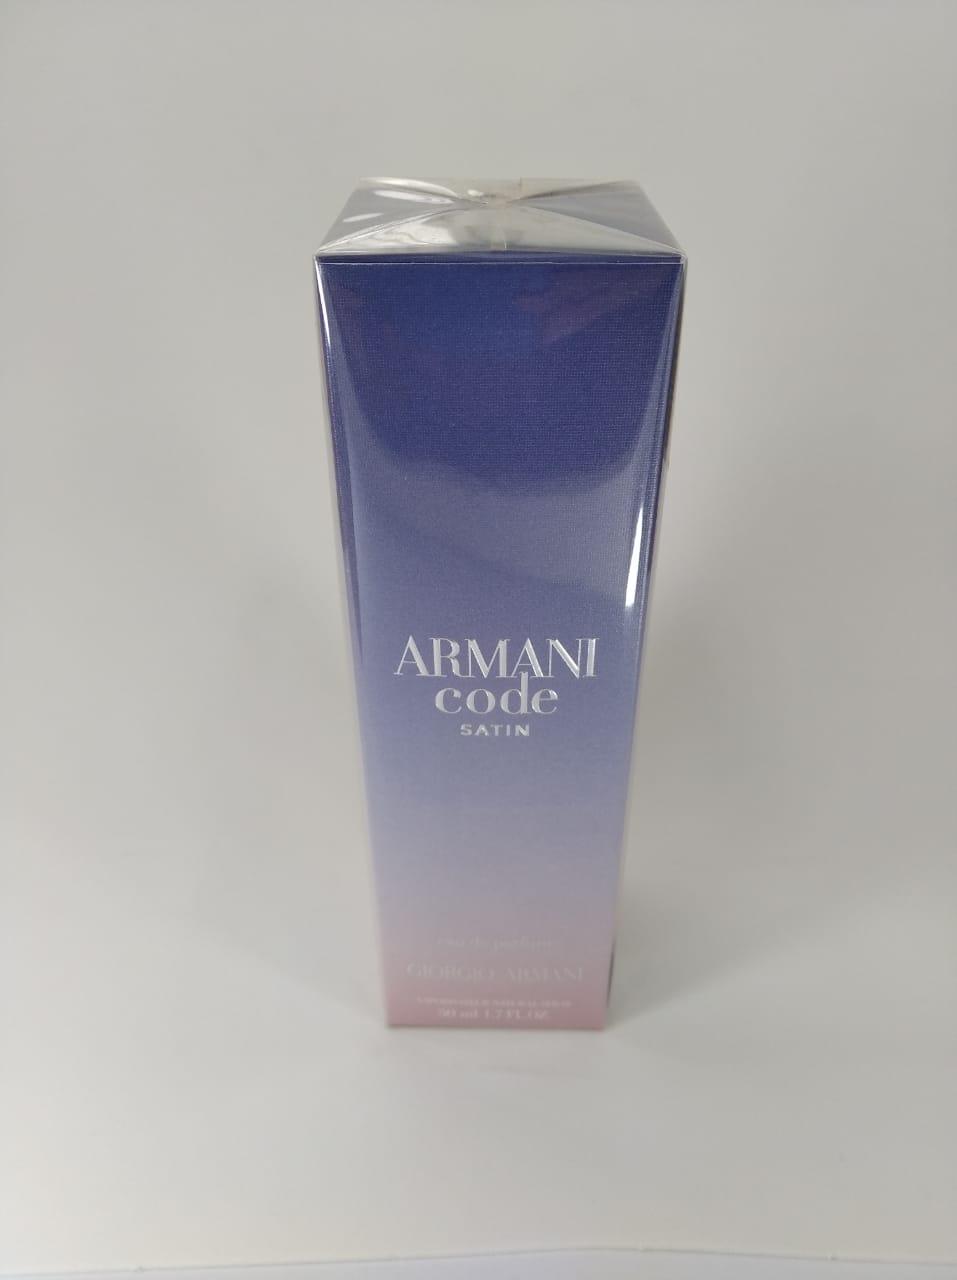 Armani Code Satin Giorgio Armani  Eau de Parfum